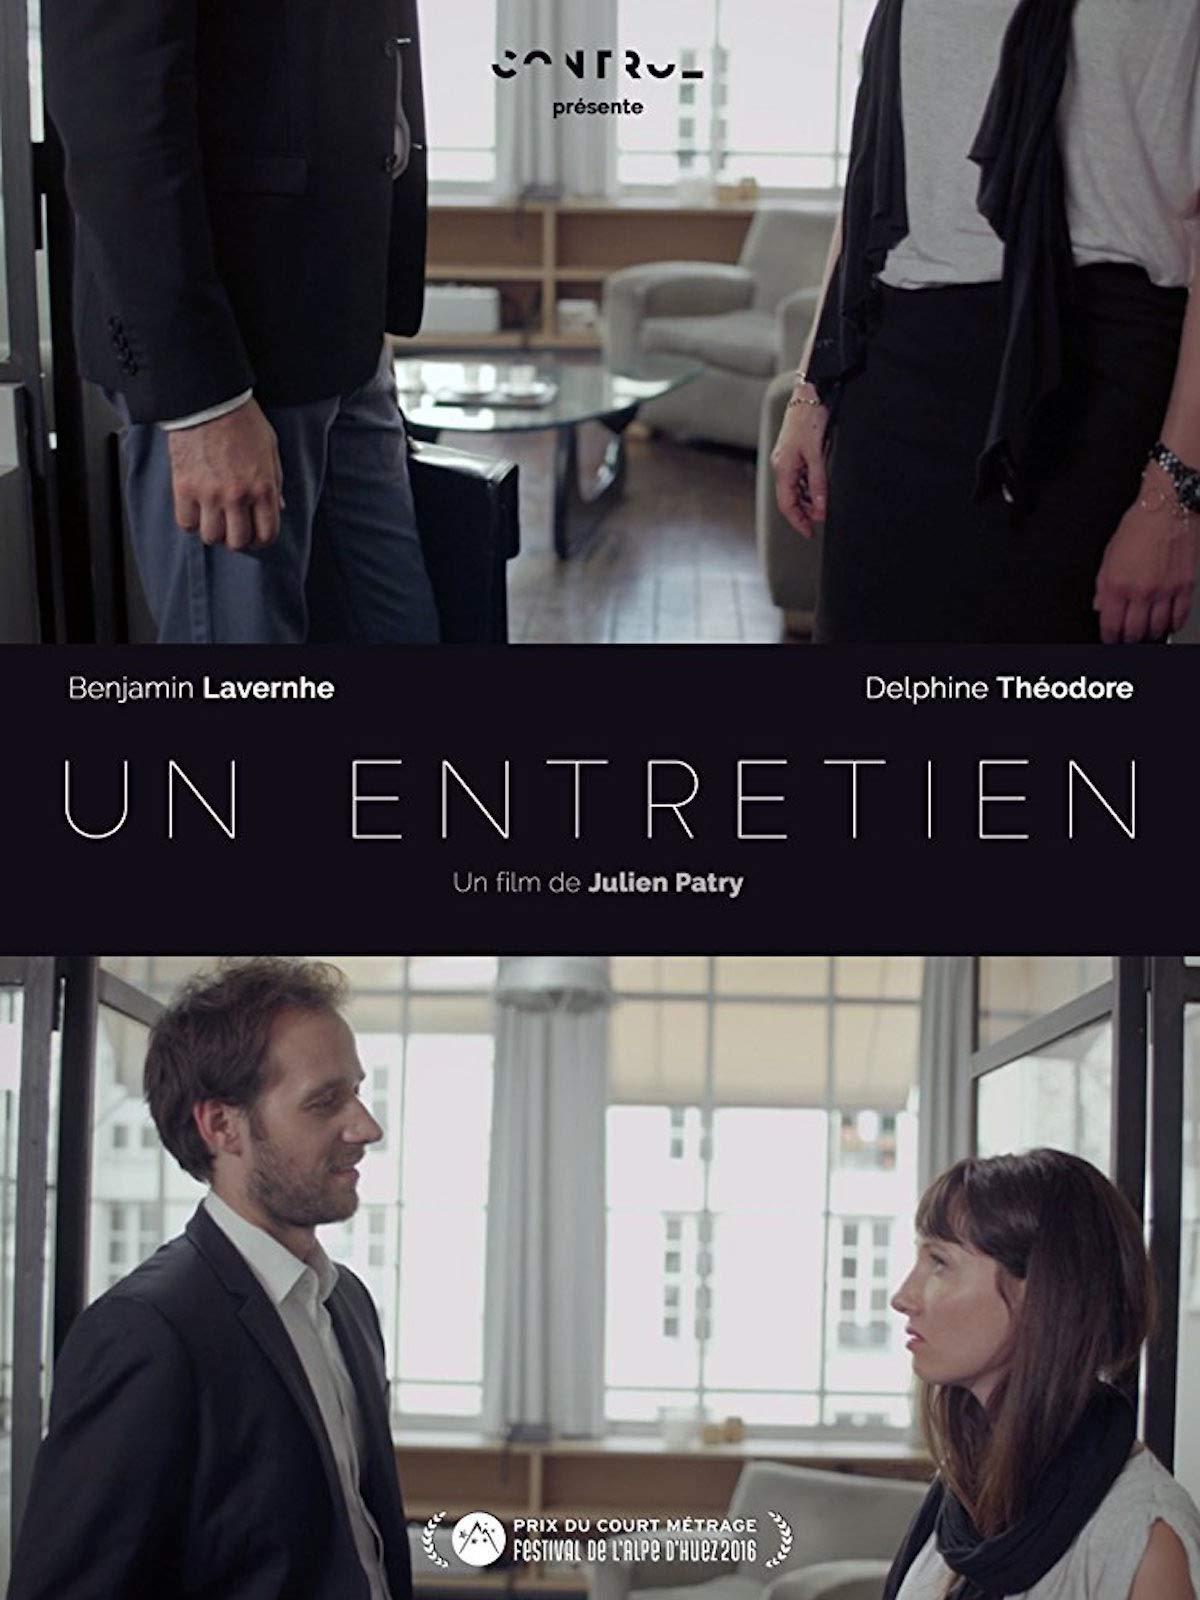 An Interview (Un Entretien)